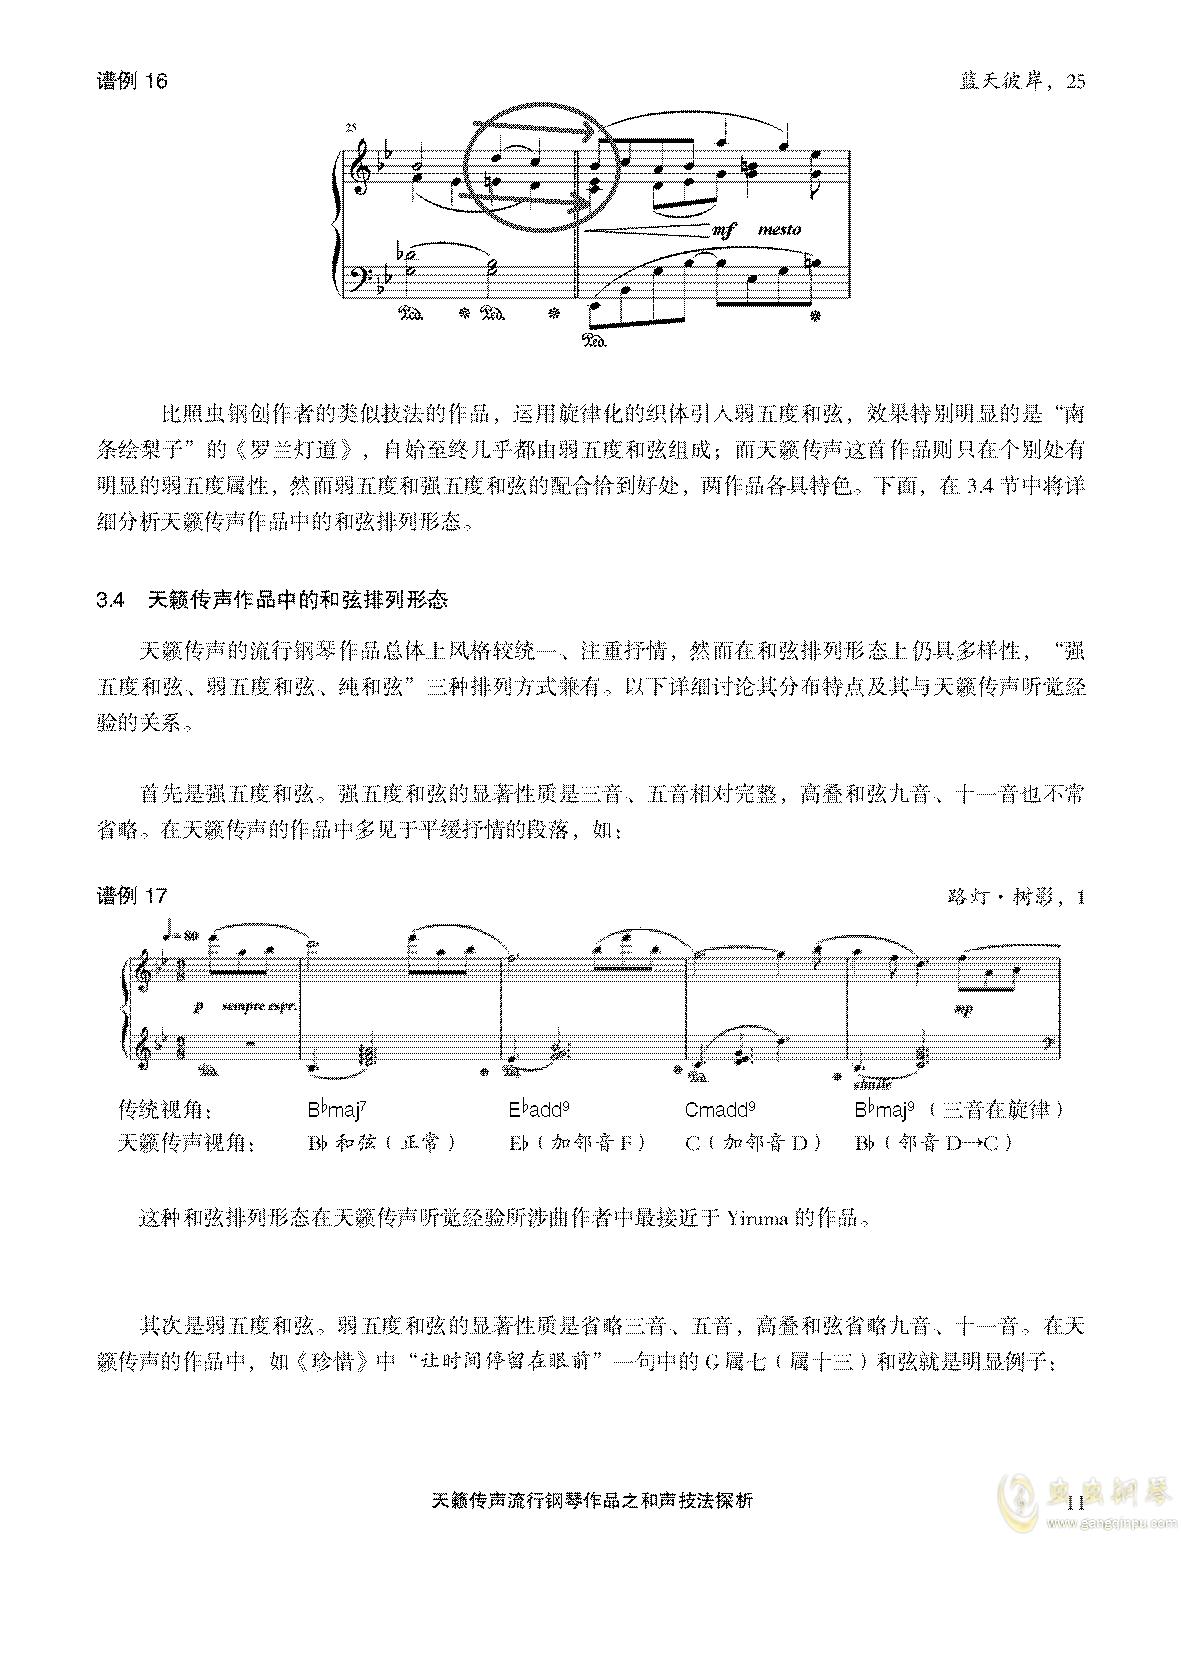 天籁传声和声技法探析澳门星际官网 第11页